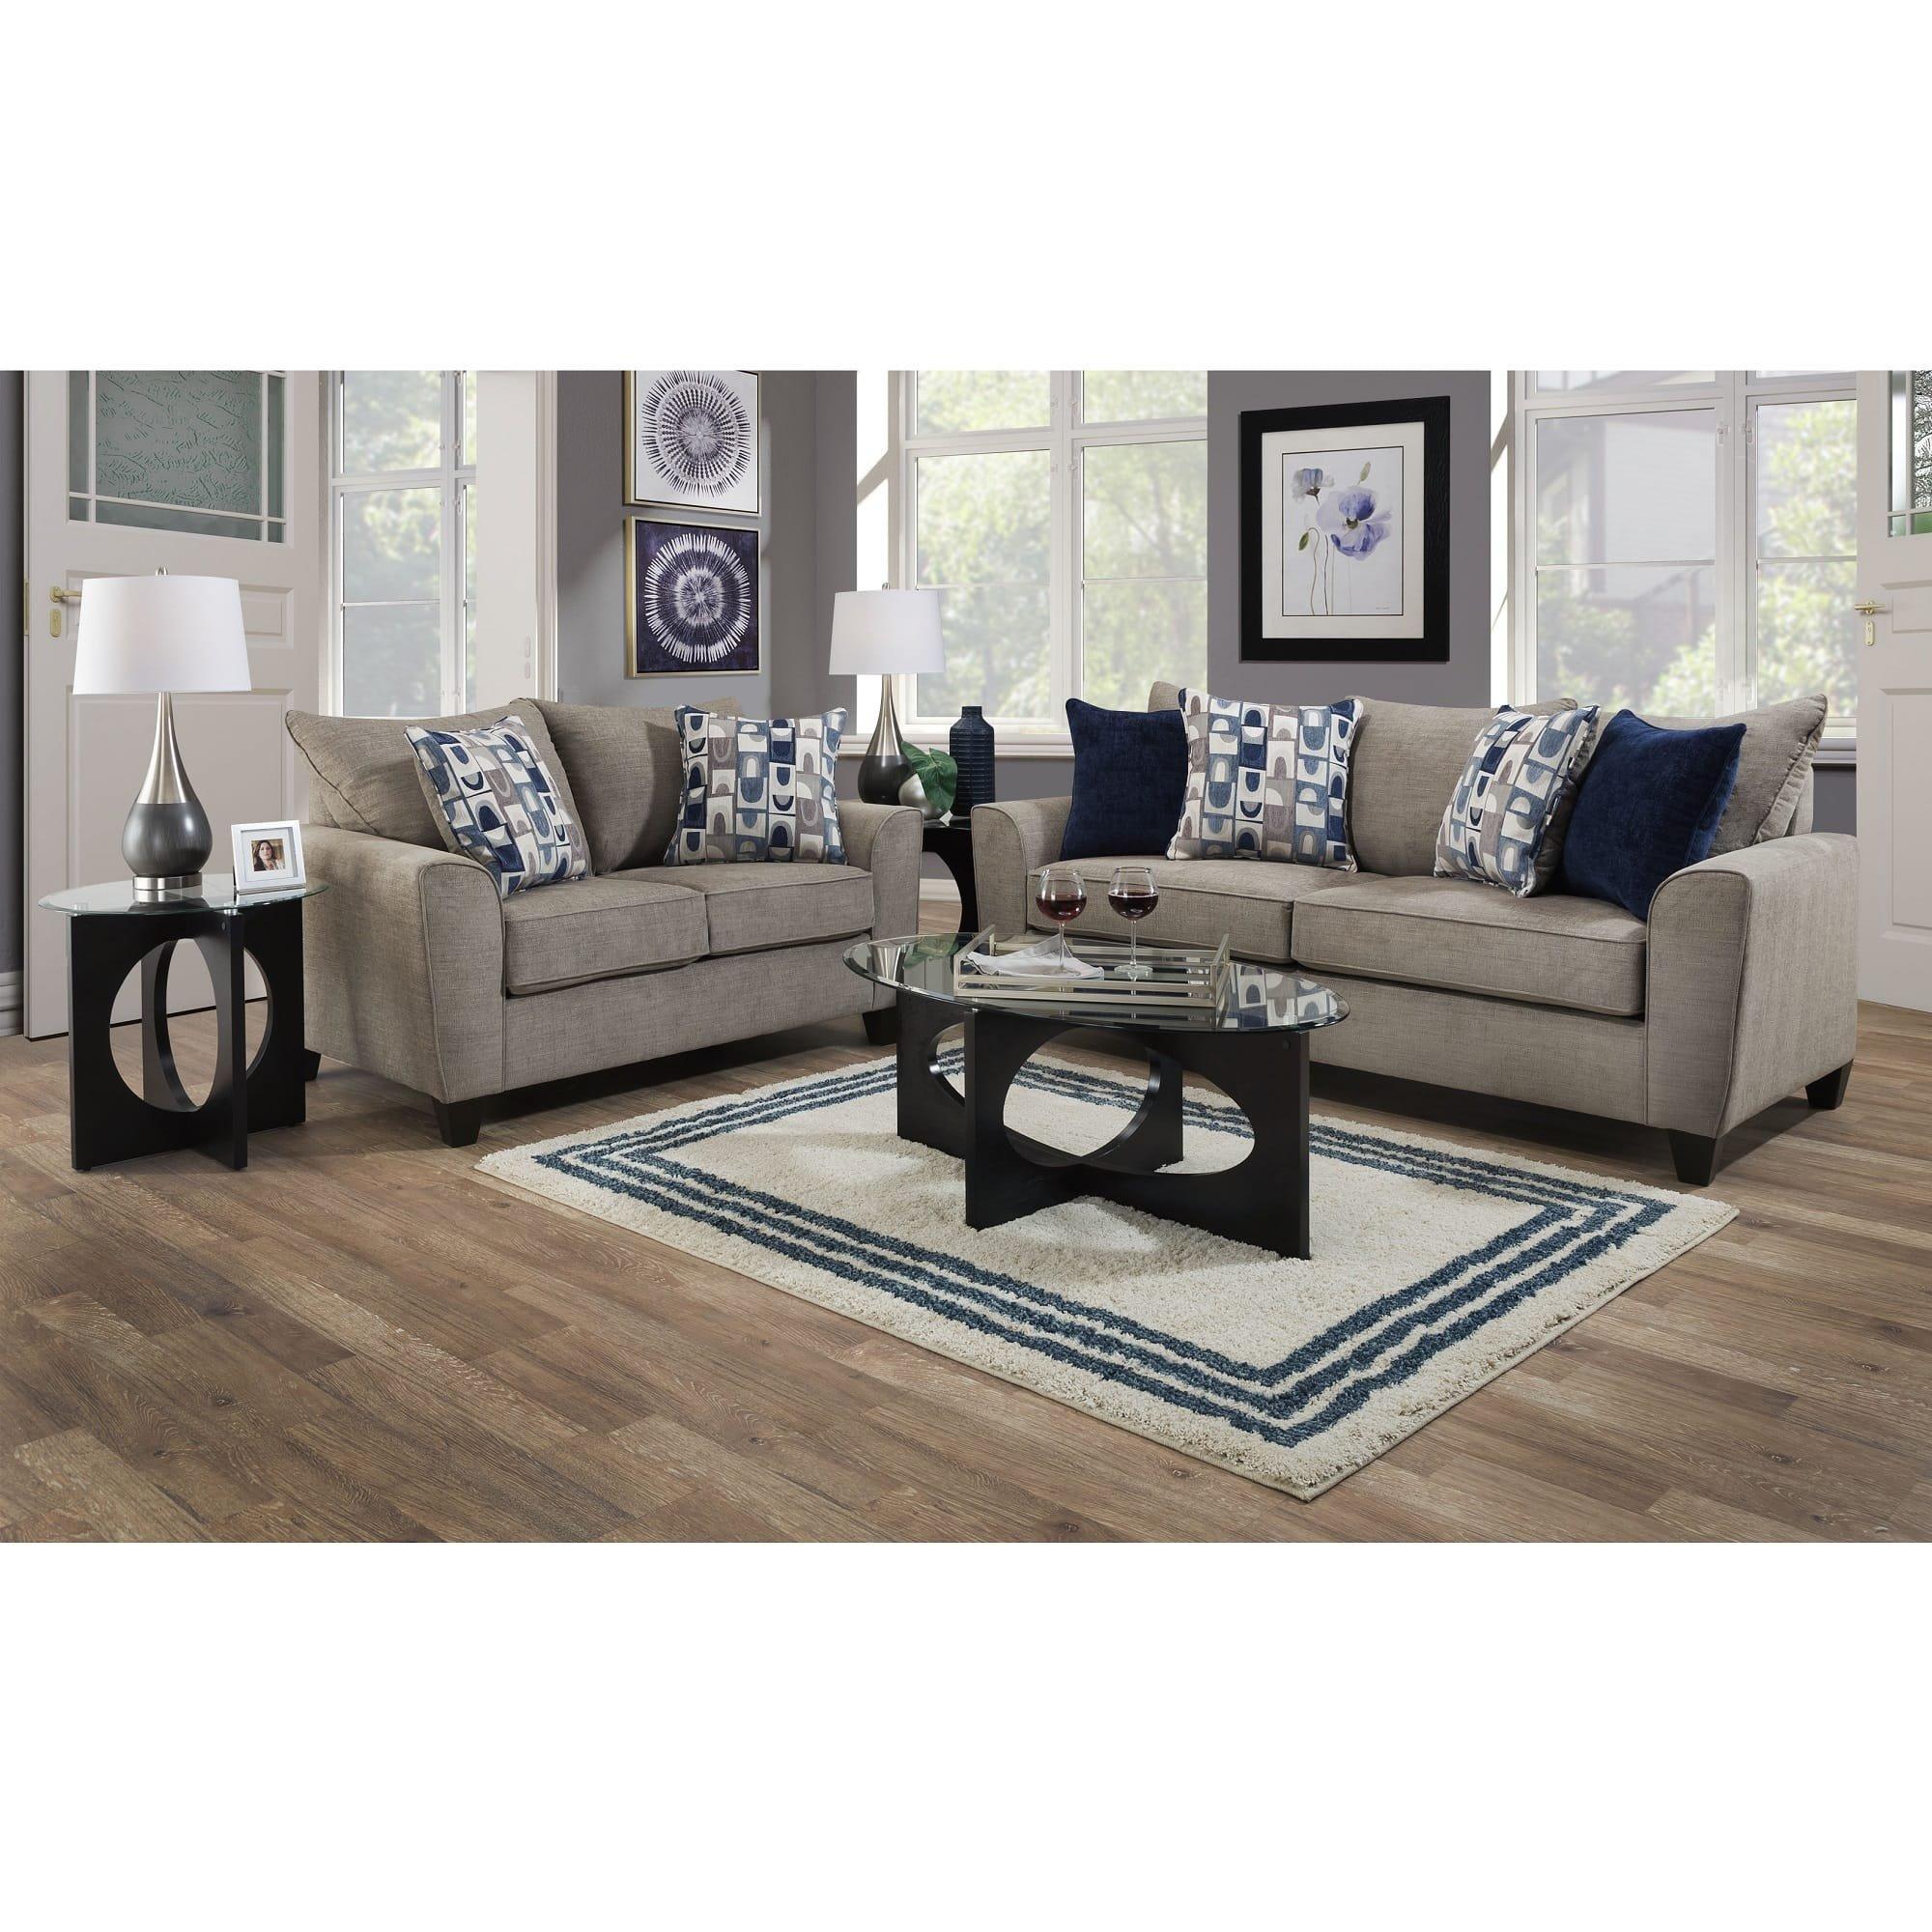 2 Piece Eden Sofa Loveseat, Aarons Living Room Sets